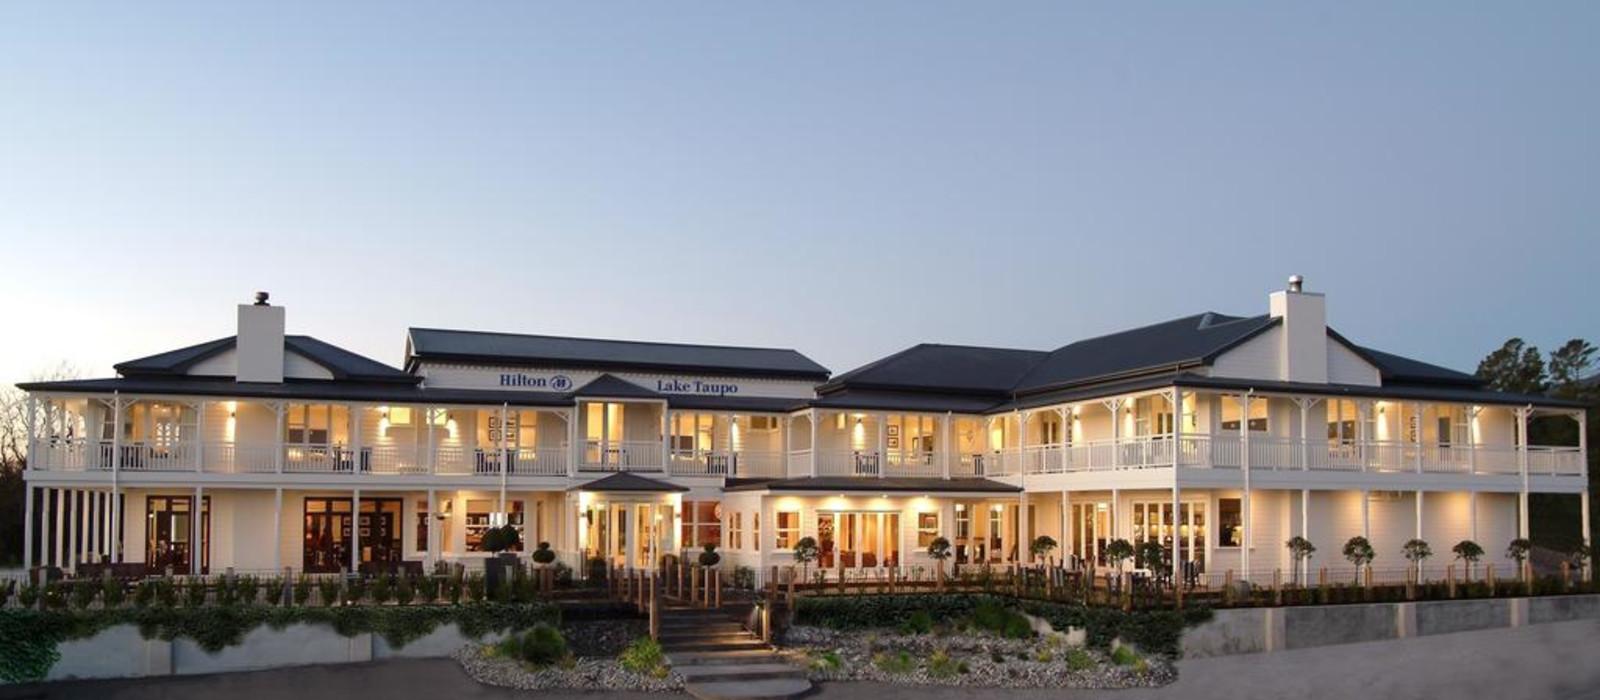 Hotel Hilton Lake Taupo New Zealand